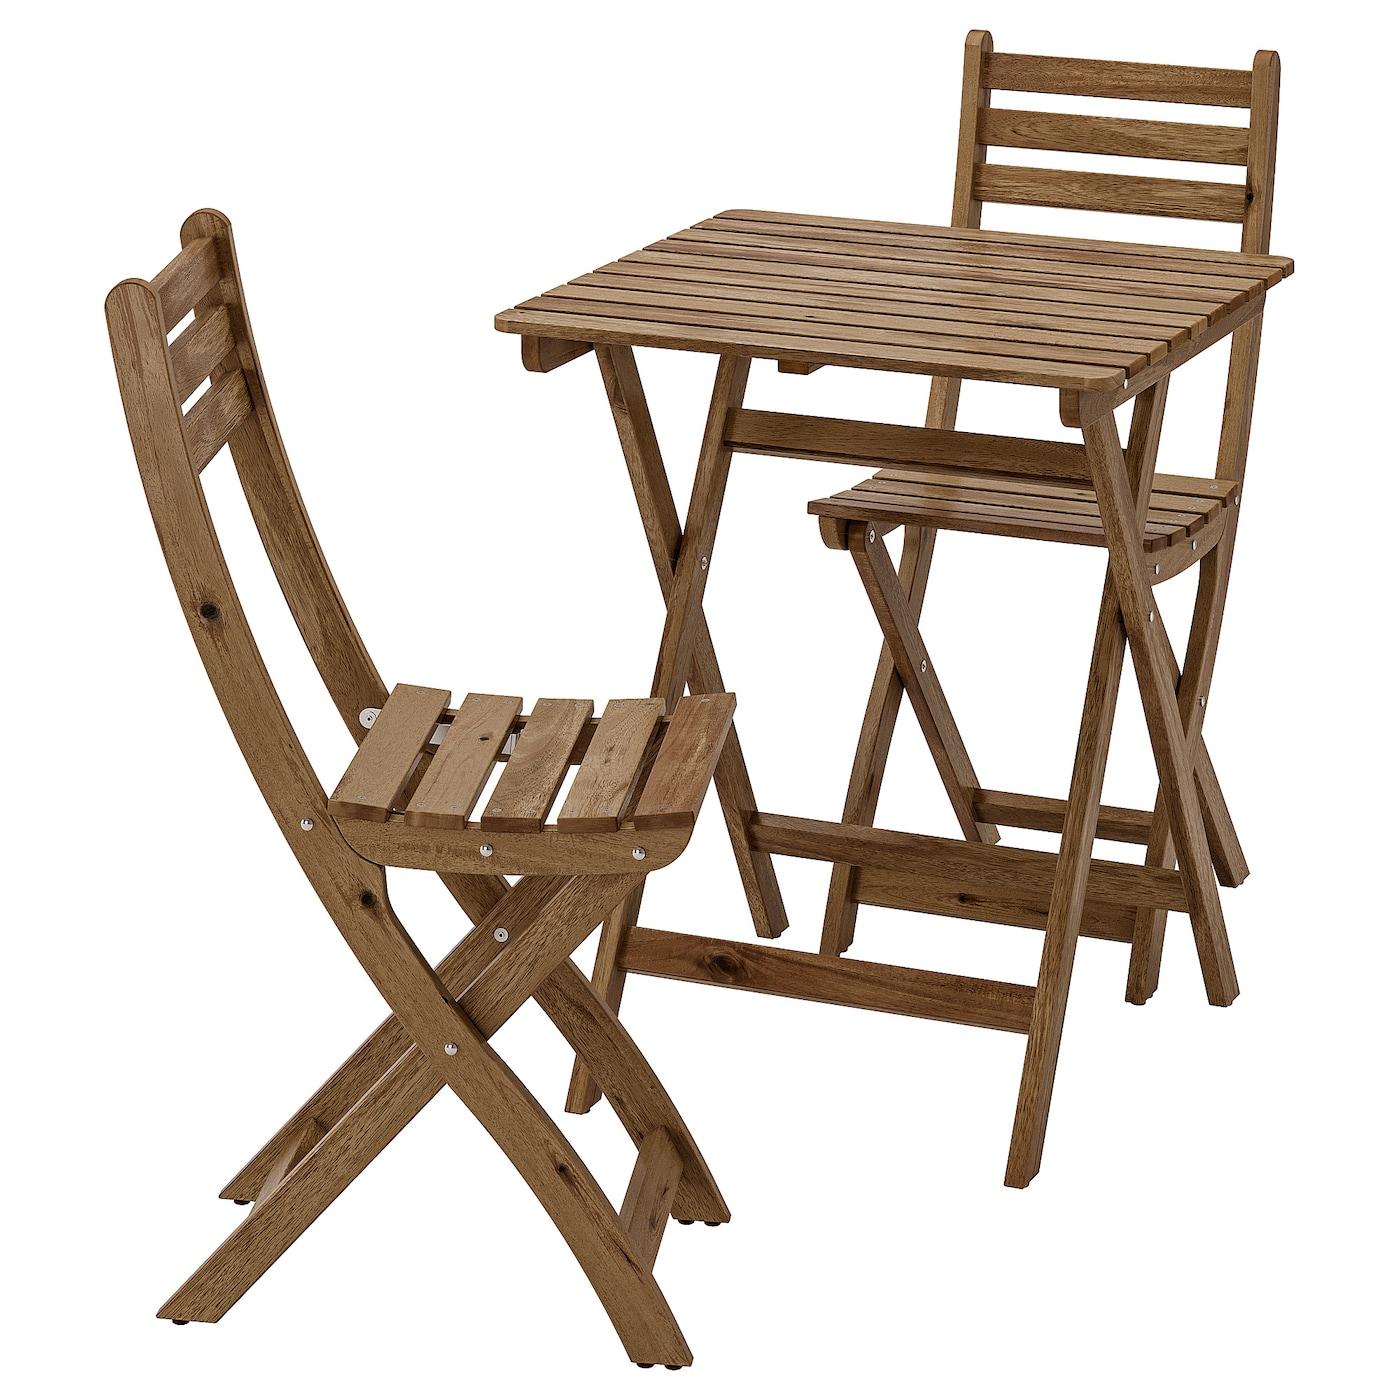 Garden Furniture - Garden Furnitures - Rattan Furniture - IKEA